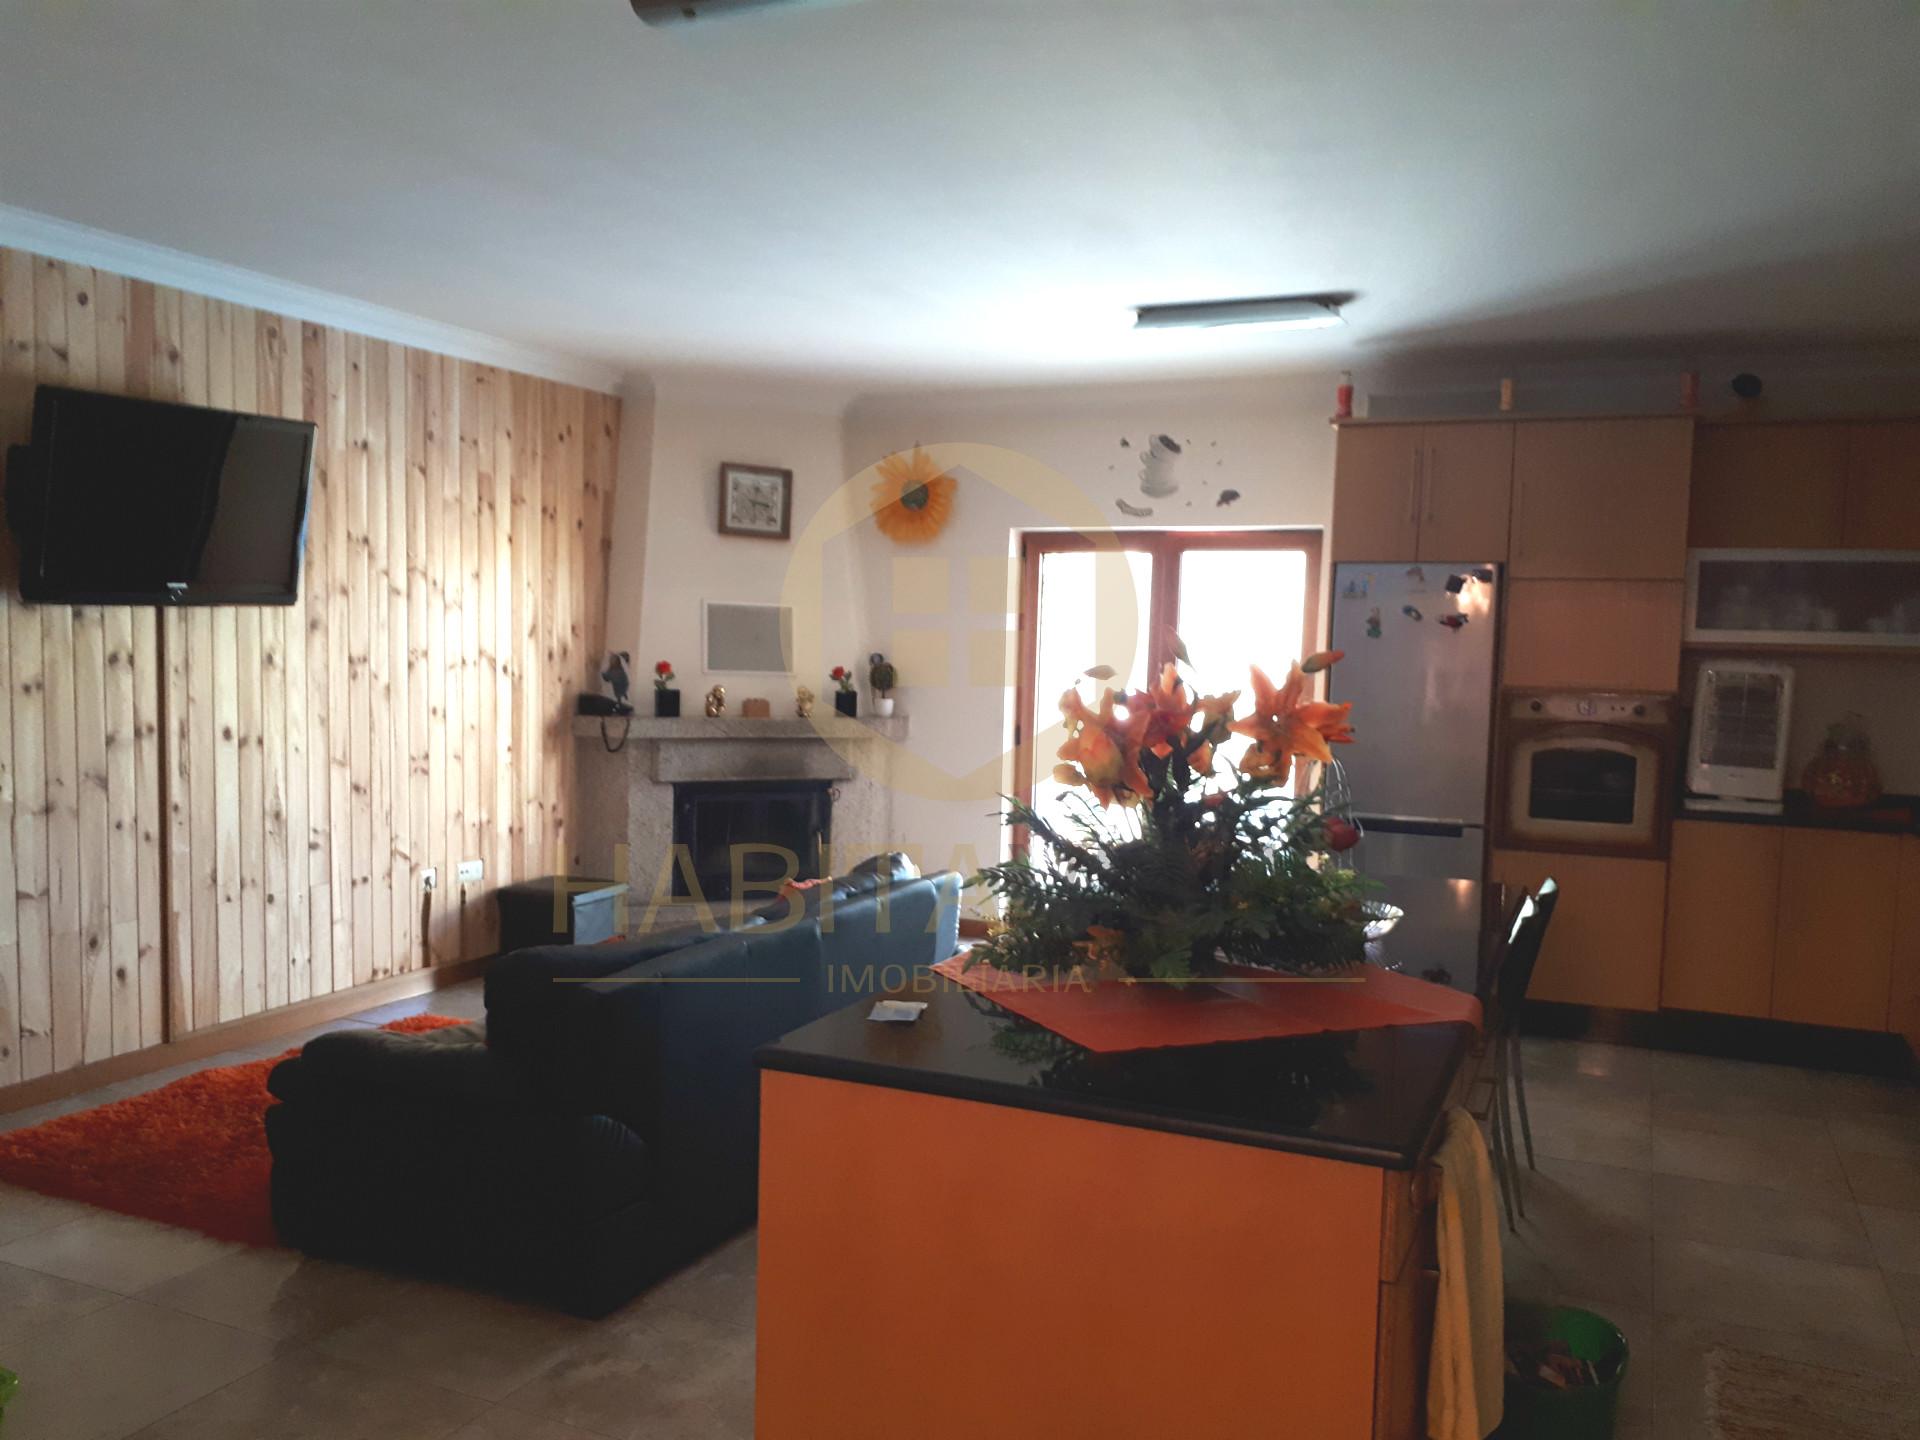 Einfamilienhaus 4 Schlafzimmer Viseu Viseu Verkaufen 345 000